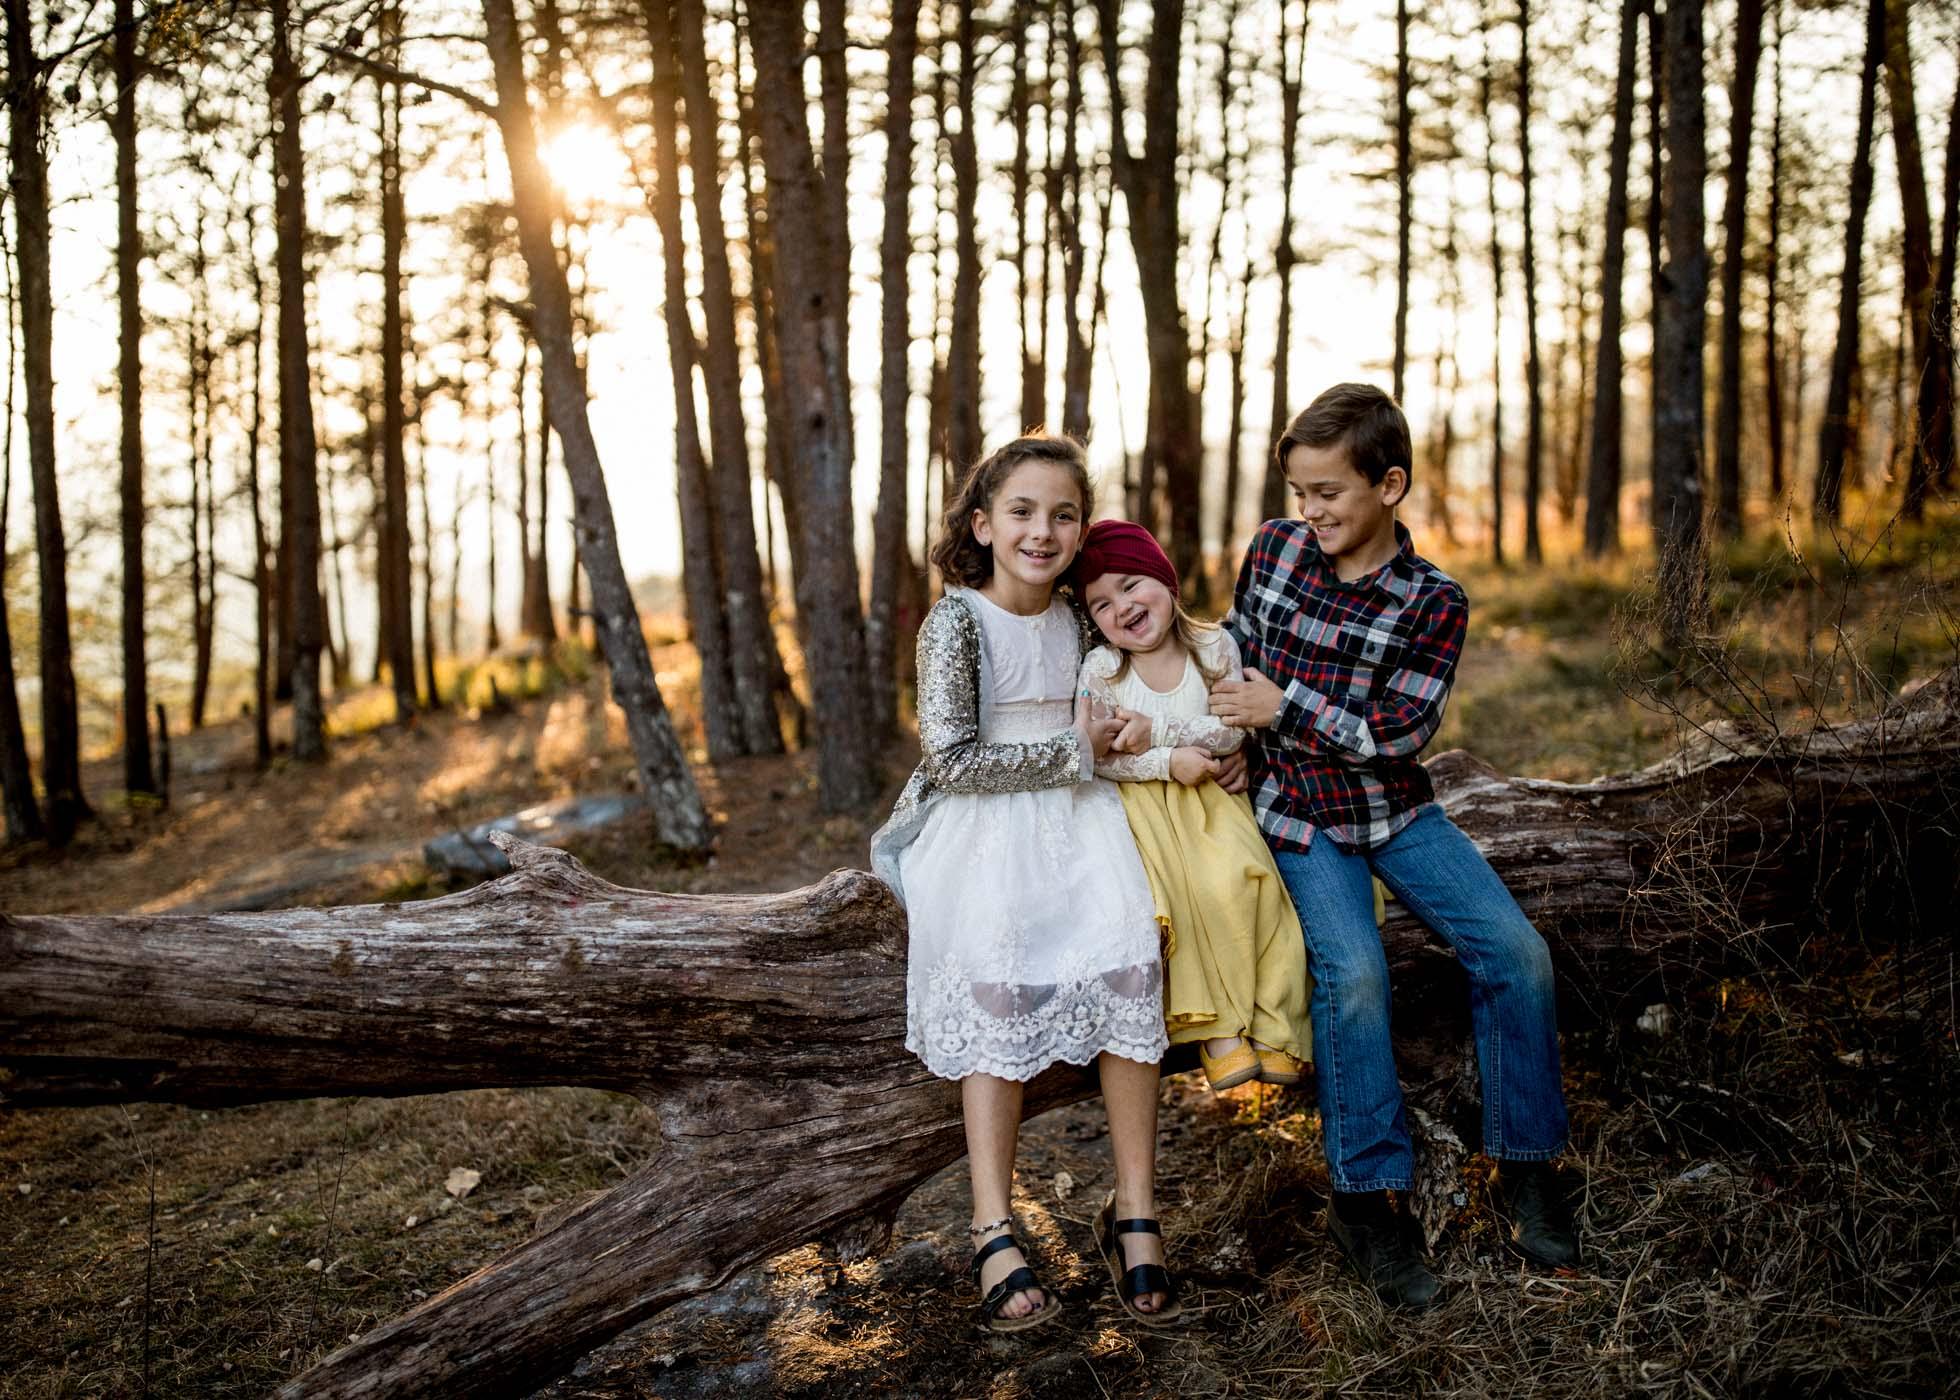 KelseyFarnhamPhotography-www.kelseyfarnham.com-BaldRocksunsetfamilykids-SouthCarolinaGreenville-2